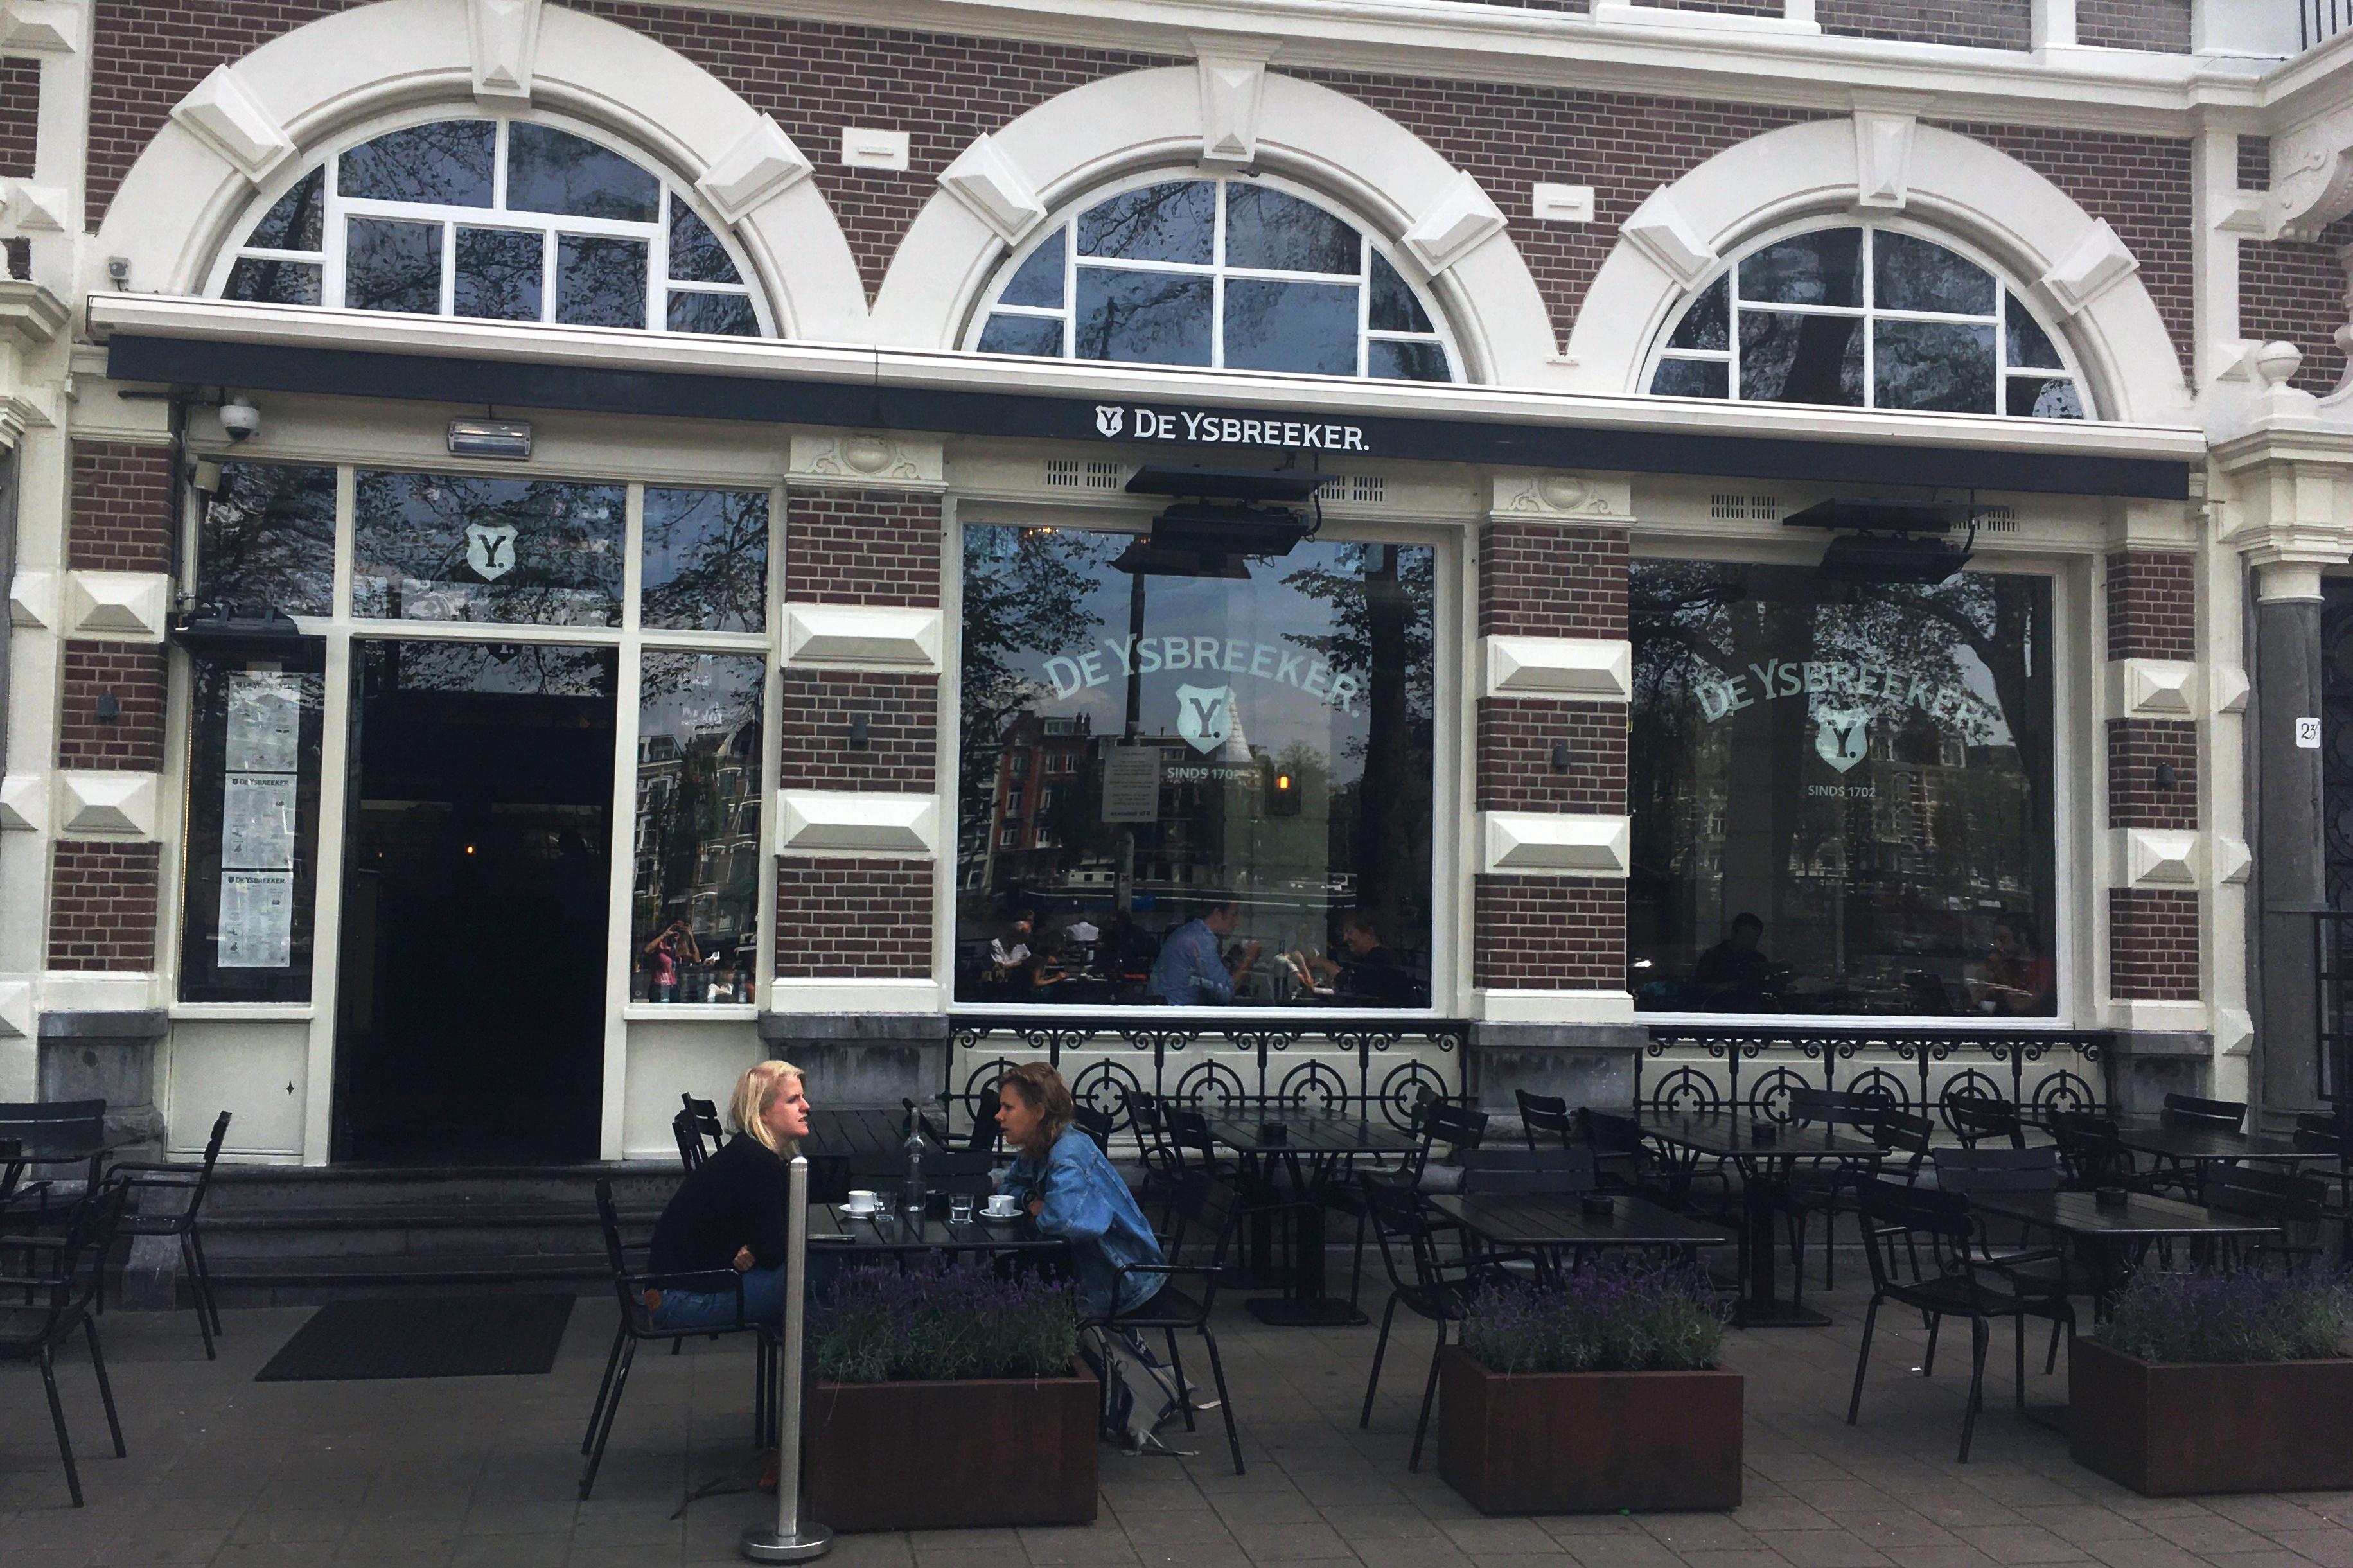 restaurant De Ysbreeker aan de Amstel in Amsterdam